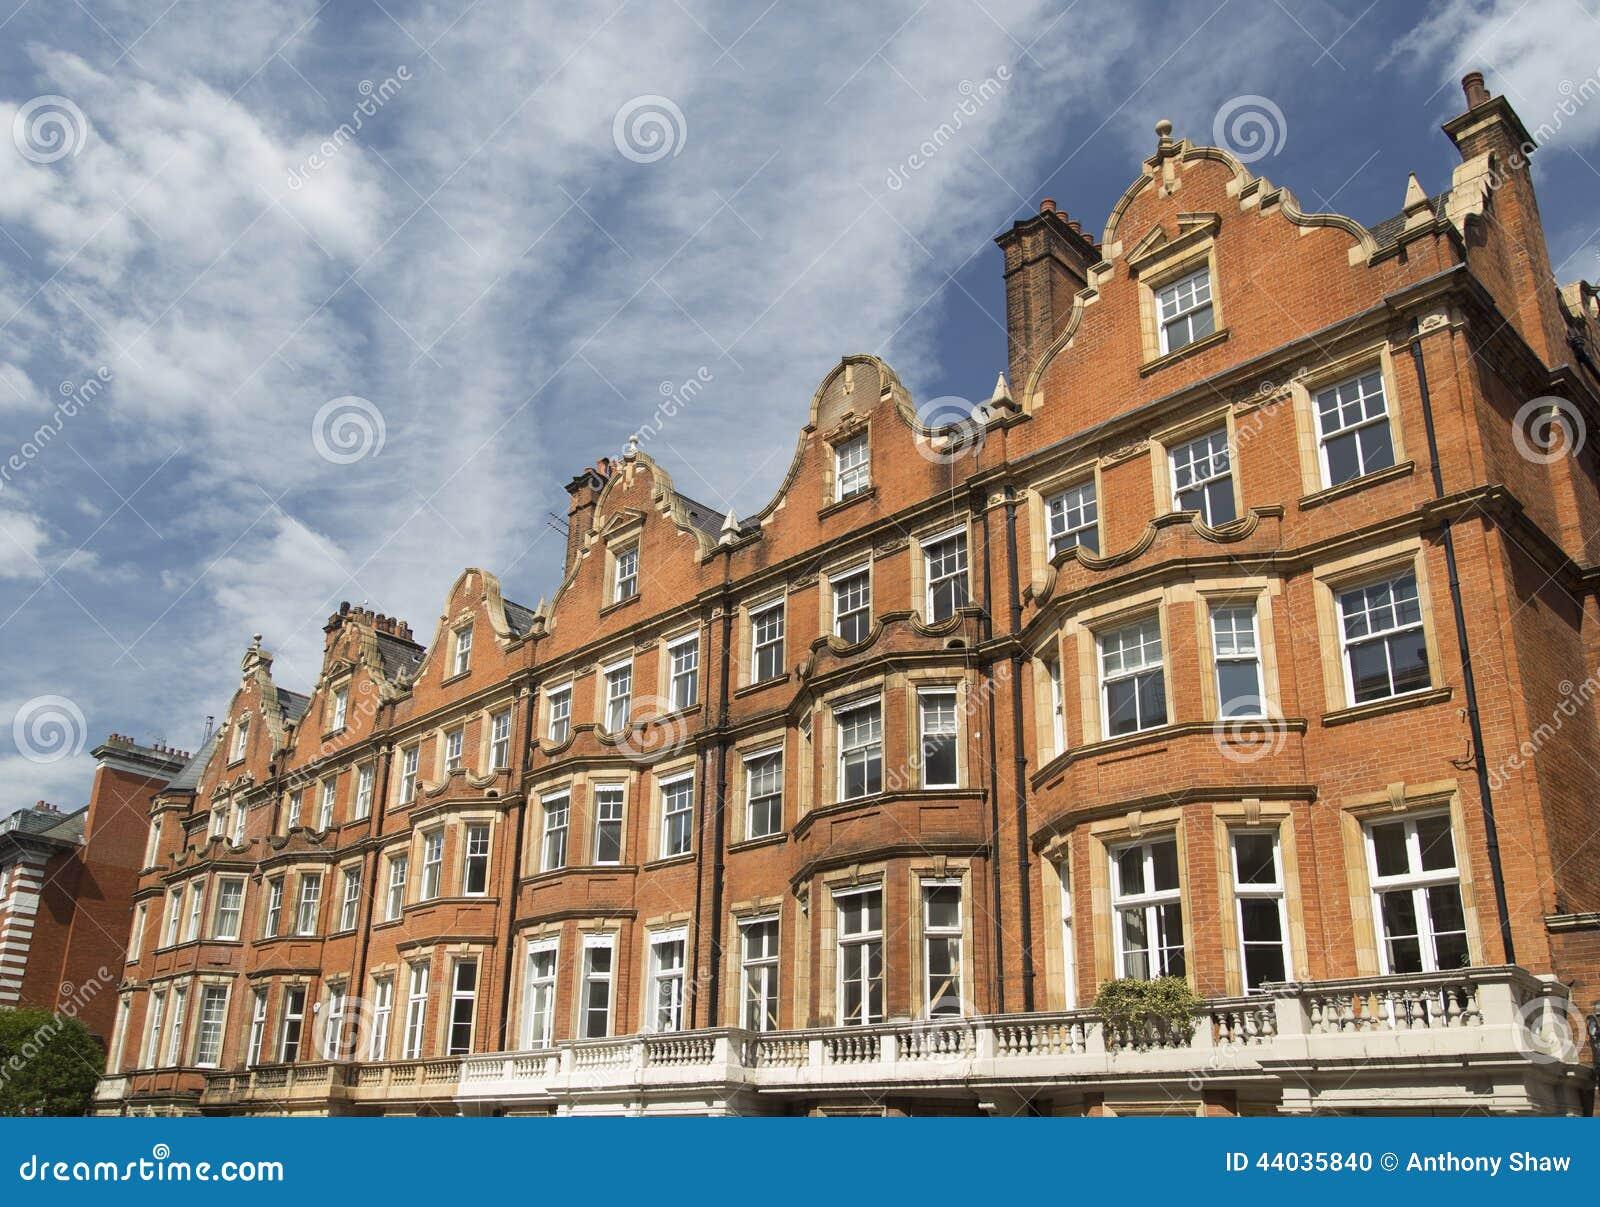 london property stock photo image 44035840